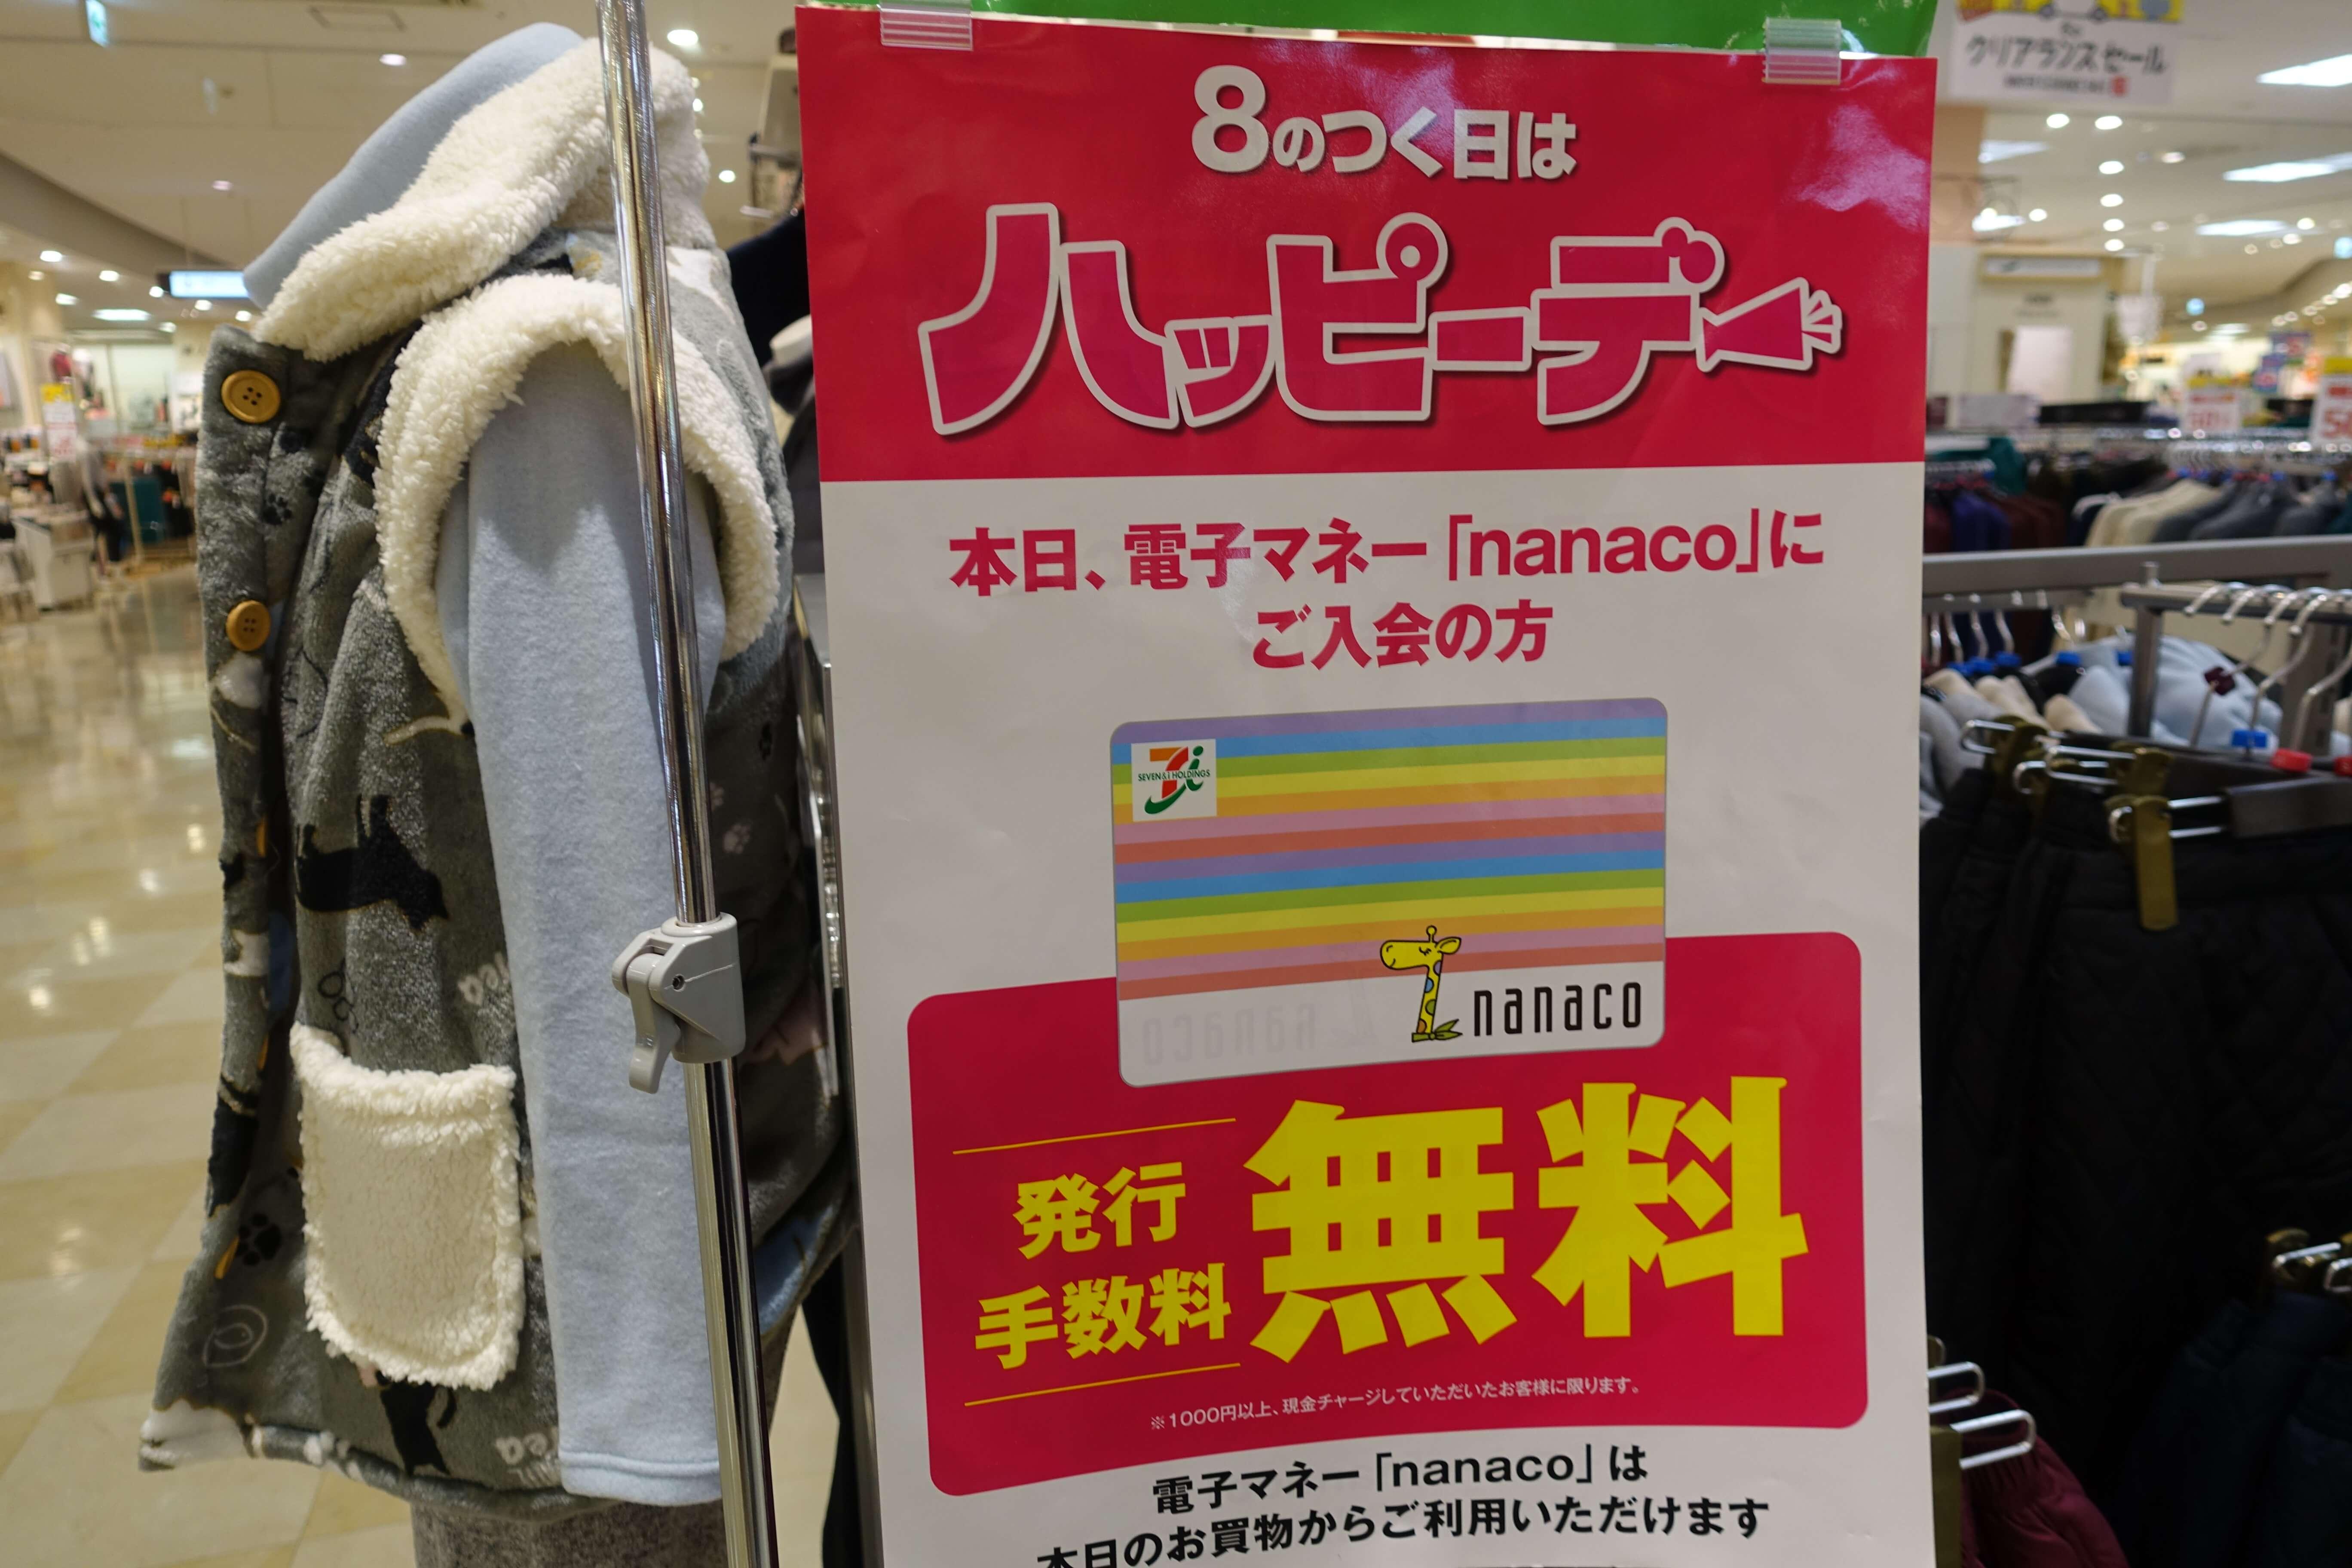 イトーヨーカドーのハッピーデーはnanacoカードが無料で作れるという看板